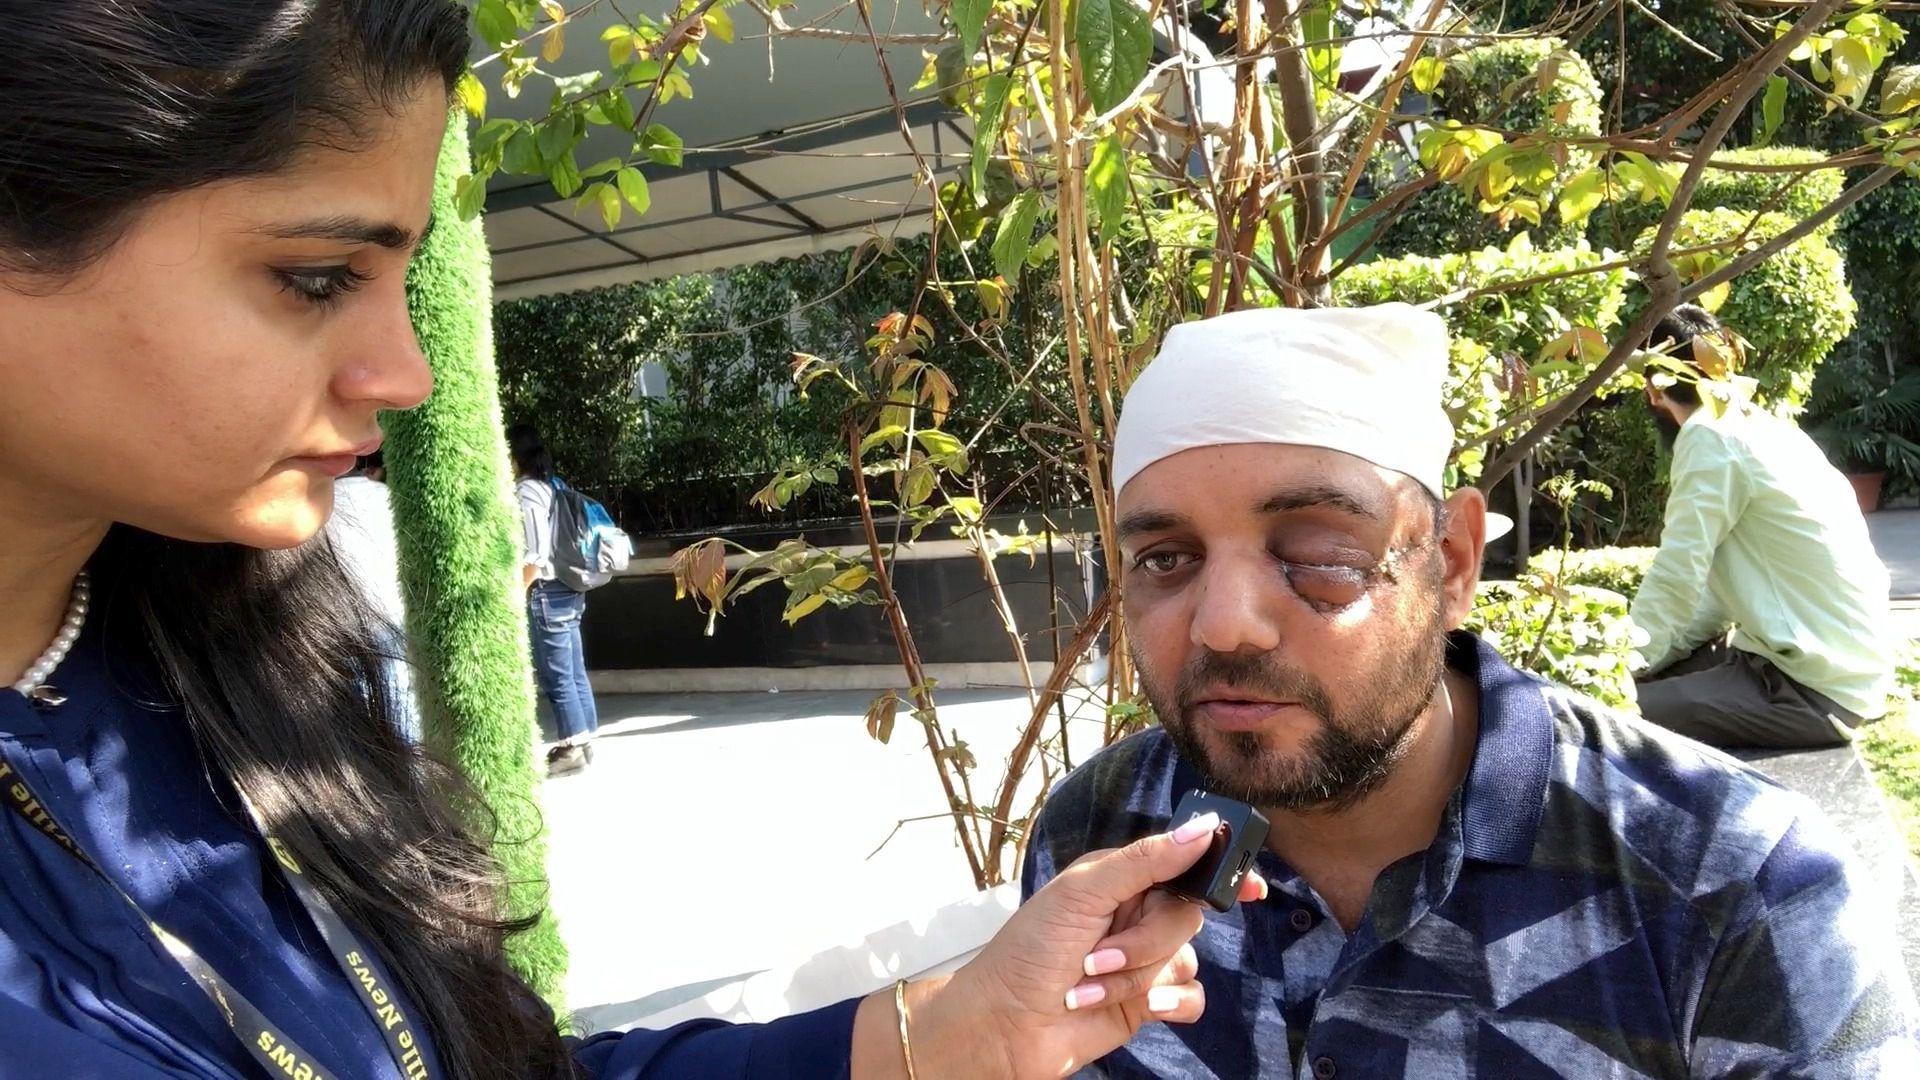 दंगा पीडितों की कॉन्सटिट्यूशन क्लब में हुई जनसुनवाई के दौरान नासिर ने एशियाविल हिंदी से बात की